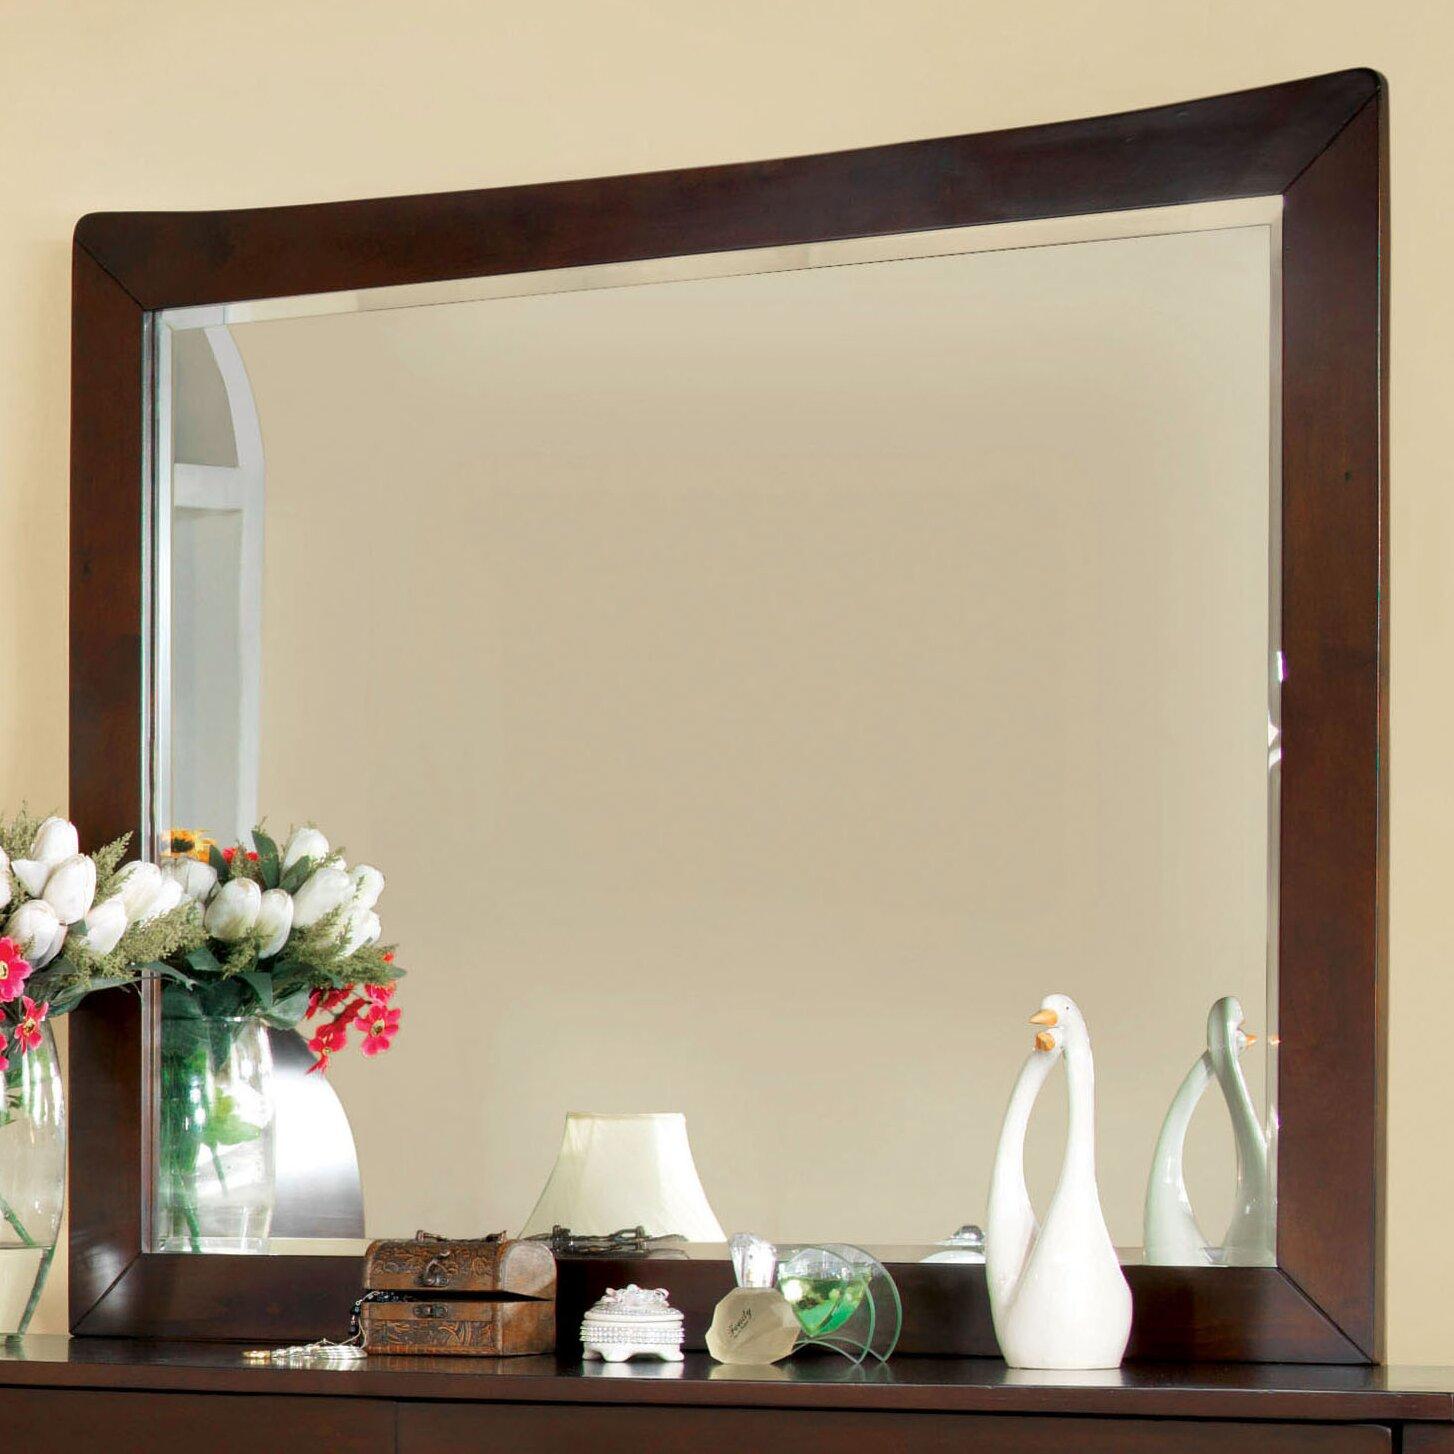 1085 Best Images About Bedroom Furniture On Pinterest: Hokku Designs Brookville Platform Customizable Bedroom Set